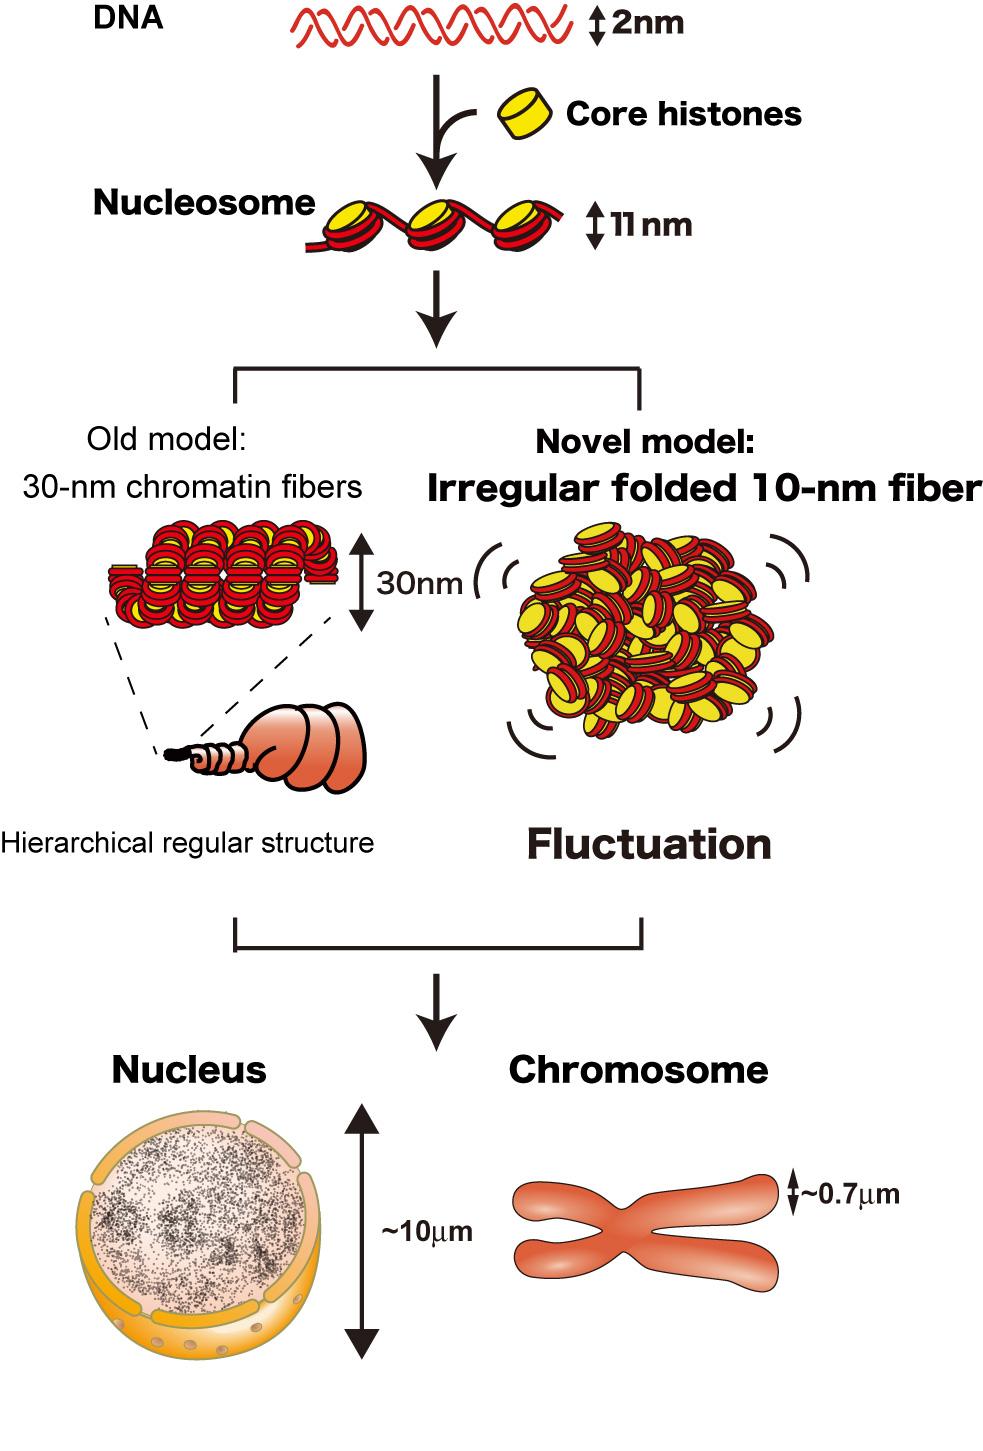 クロマチン 構造